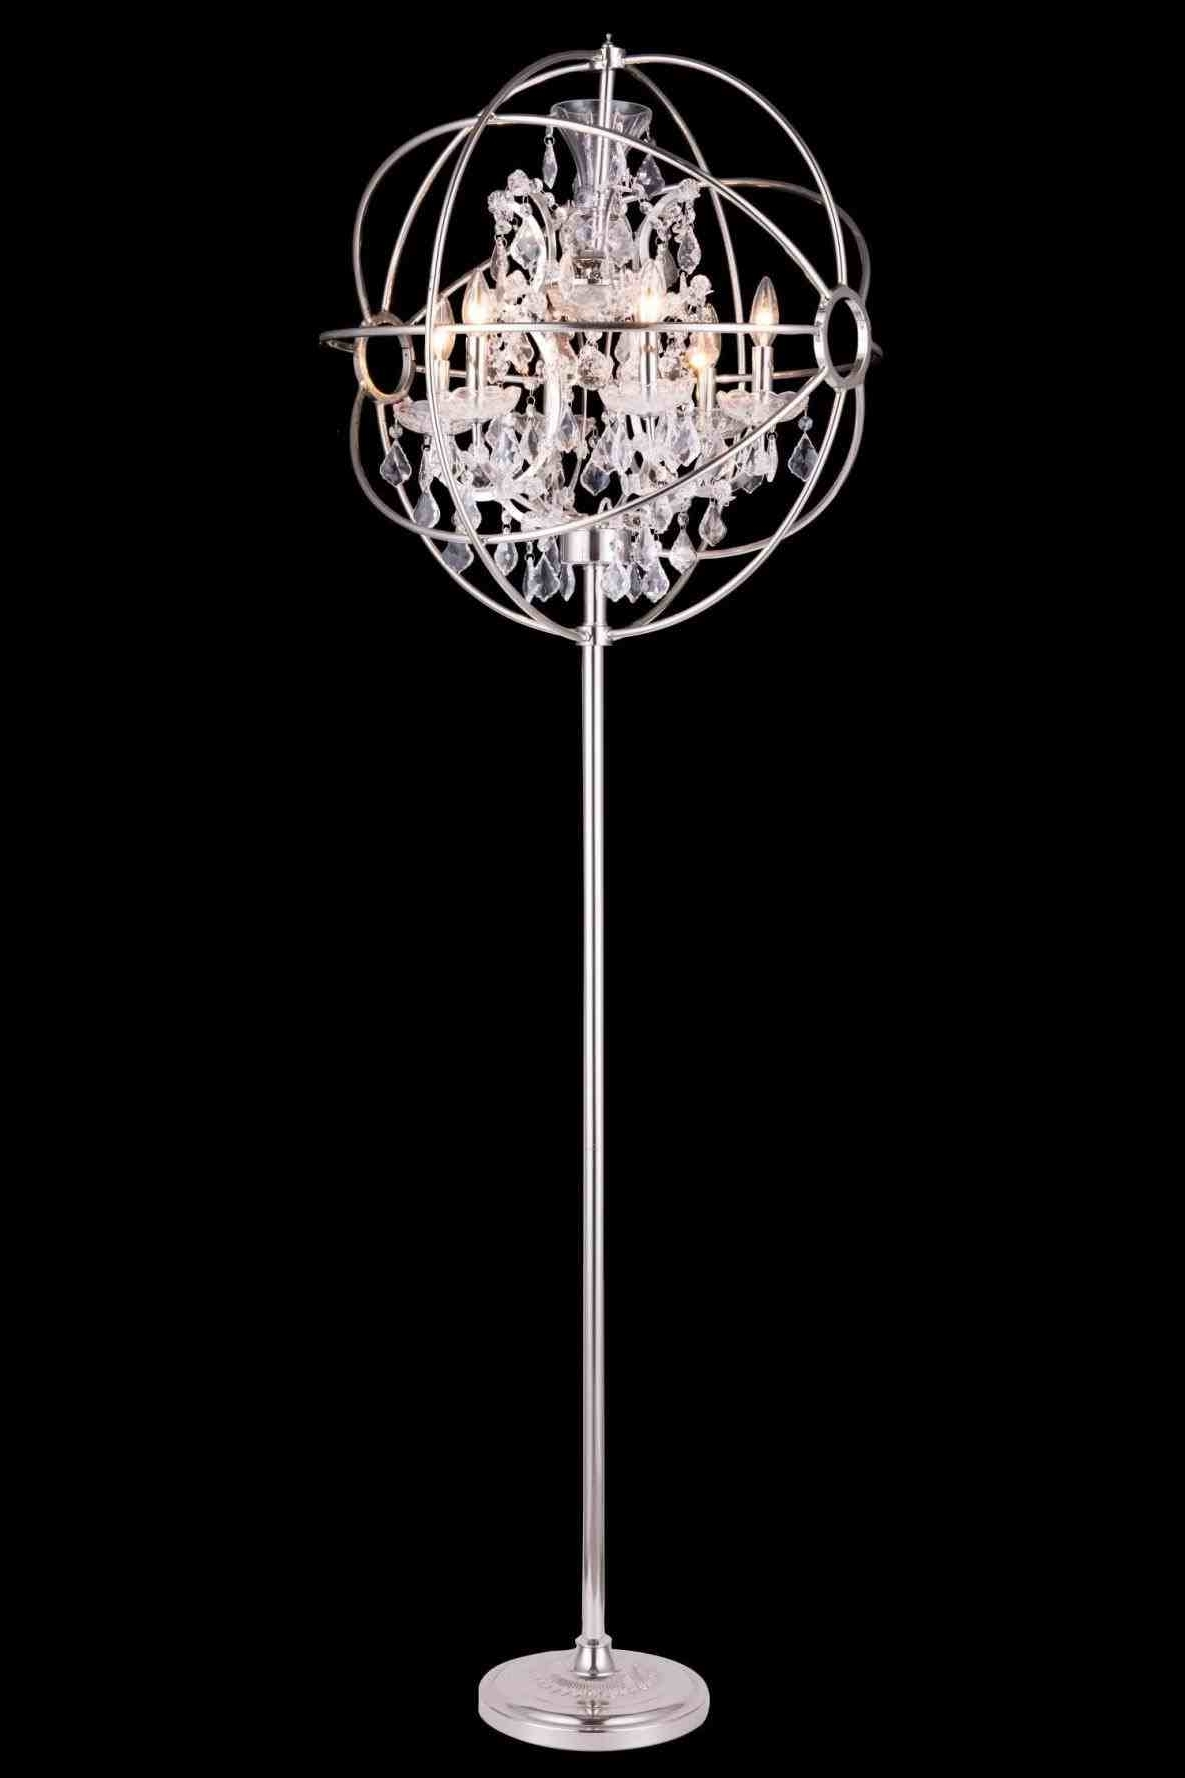 Crystal Chandelier Standing Lamps Intended For Trendy Targetrhvirmnet Lamps Standing Photo Source Rheatstatuskuocom Floor (View 6 of 15)